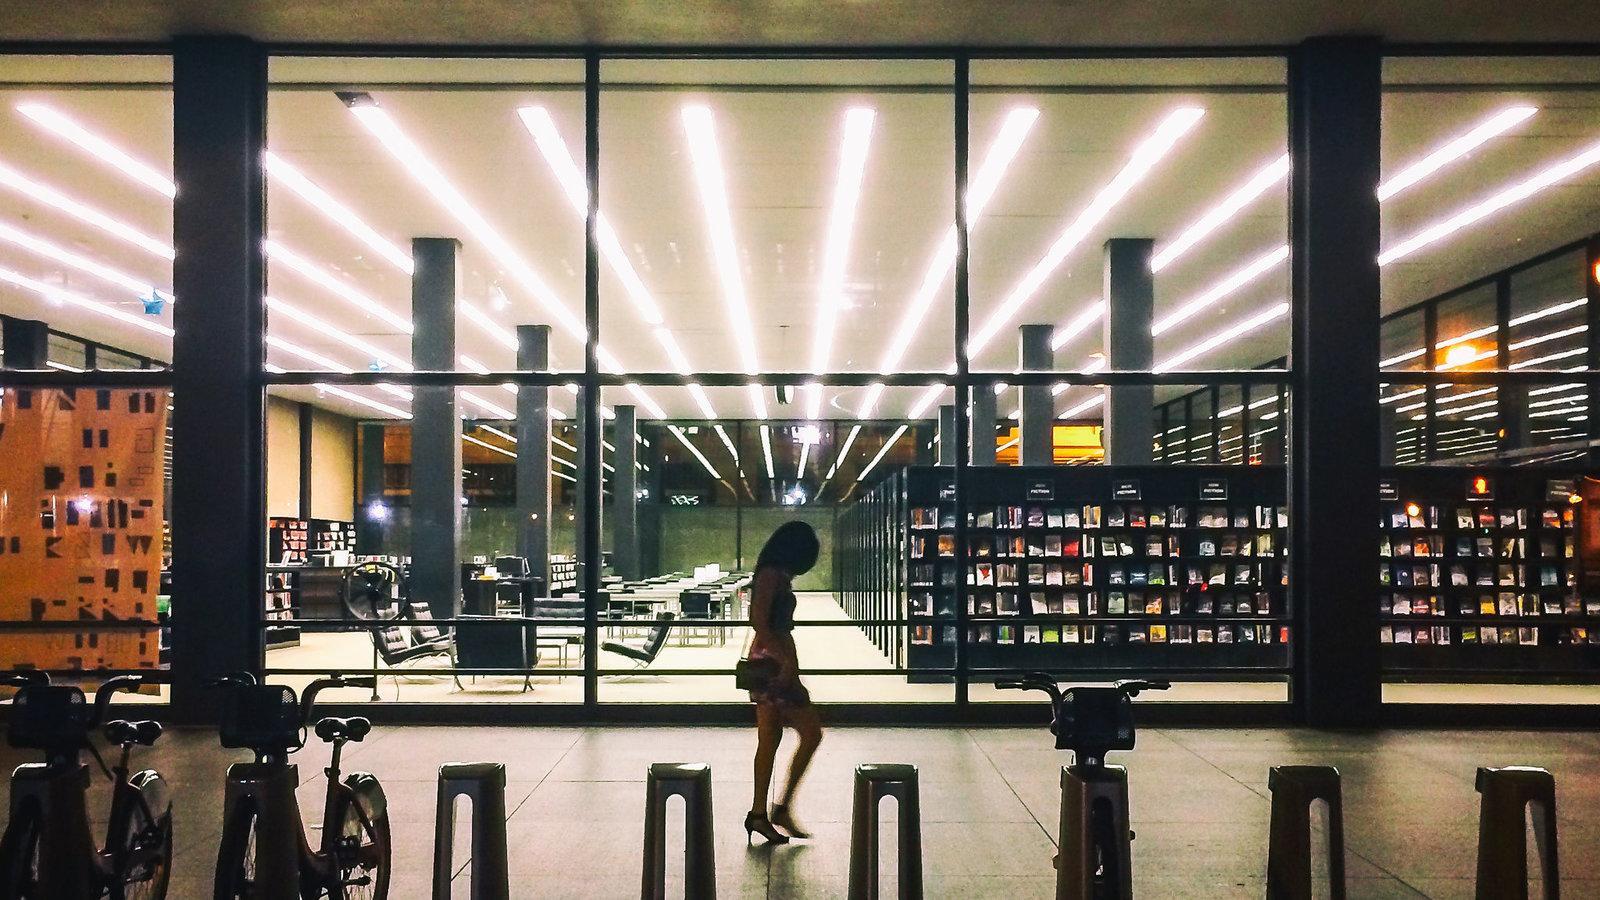 图书馆正在应对大流行期间对图书和服务的新需求